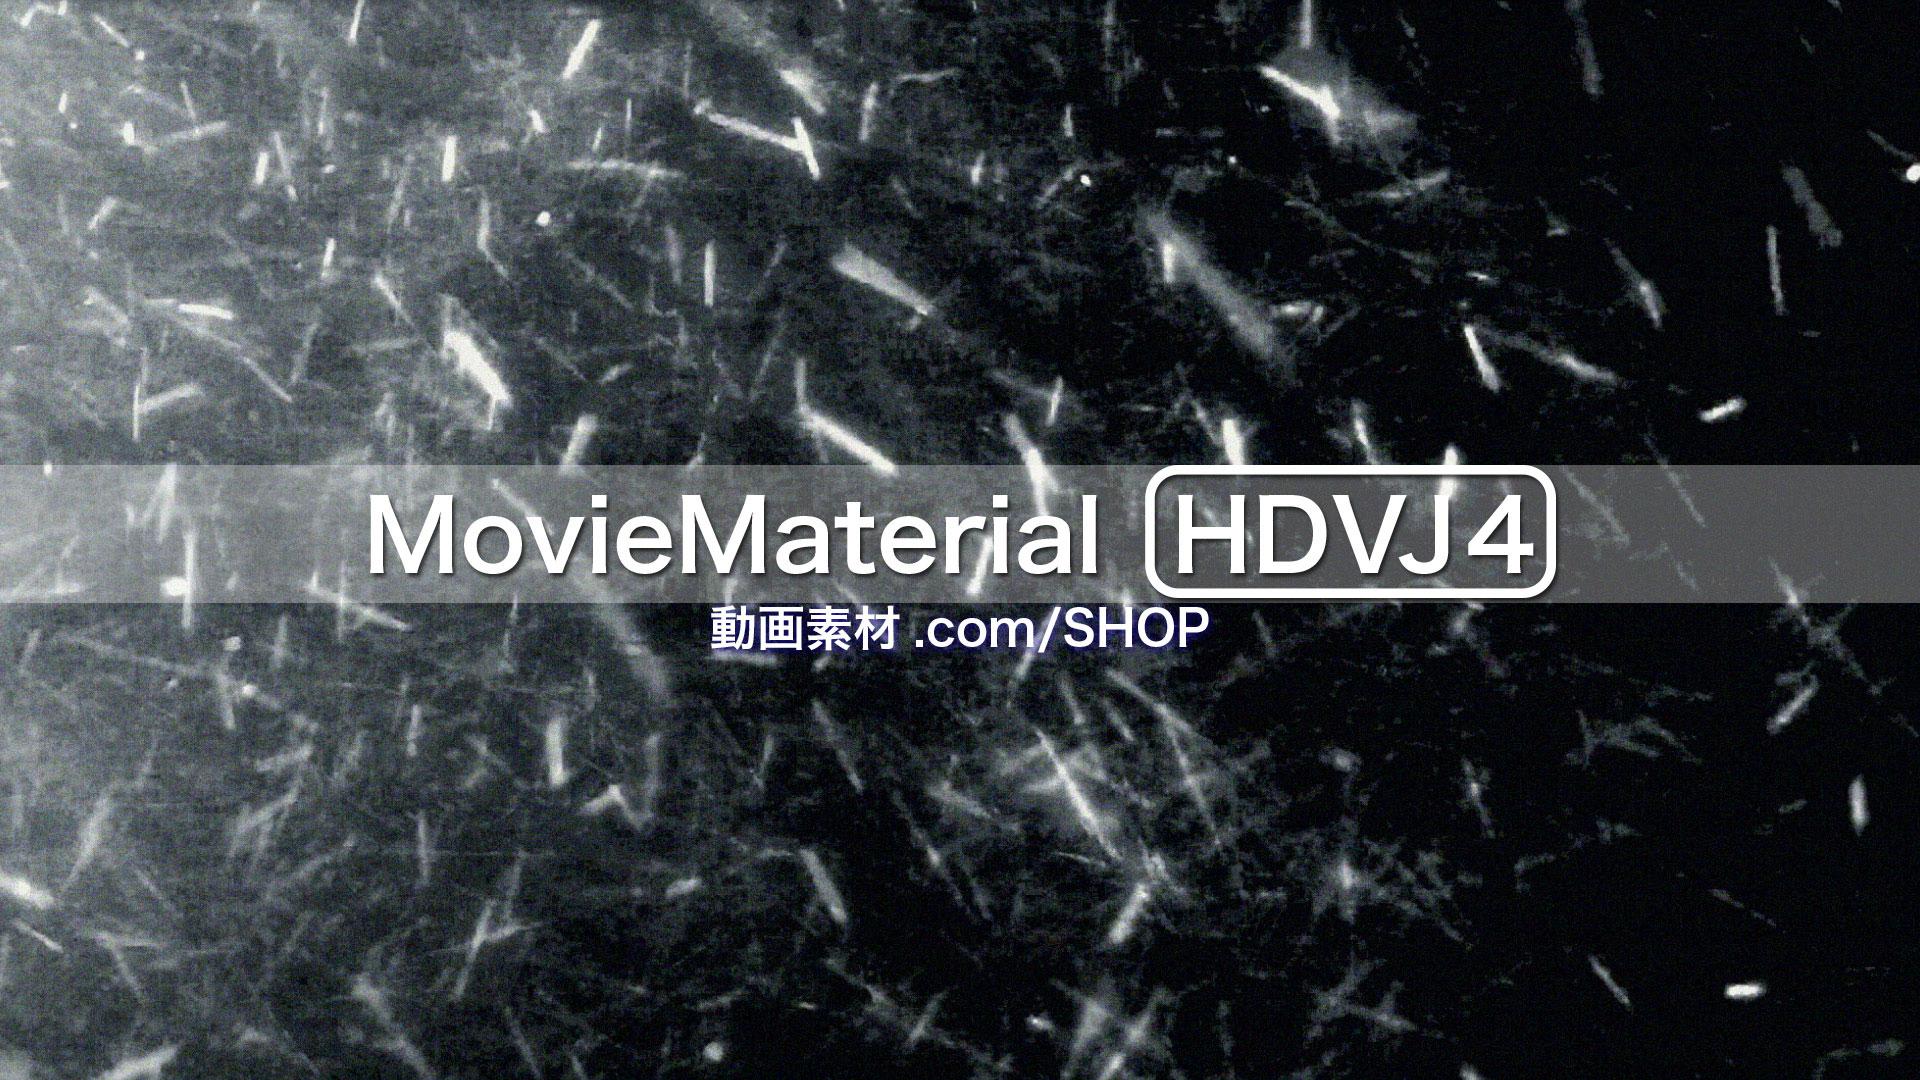 フルハイビジョン動画素材集第4段【MovieMaterial HDVJ4】ロイヤリティフリー(著作権使用料無料)9